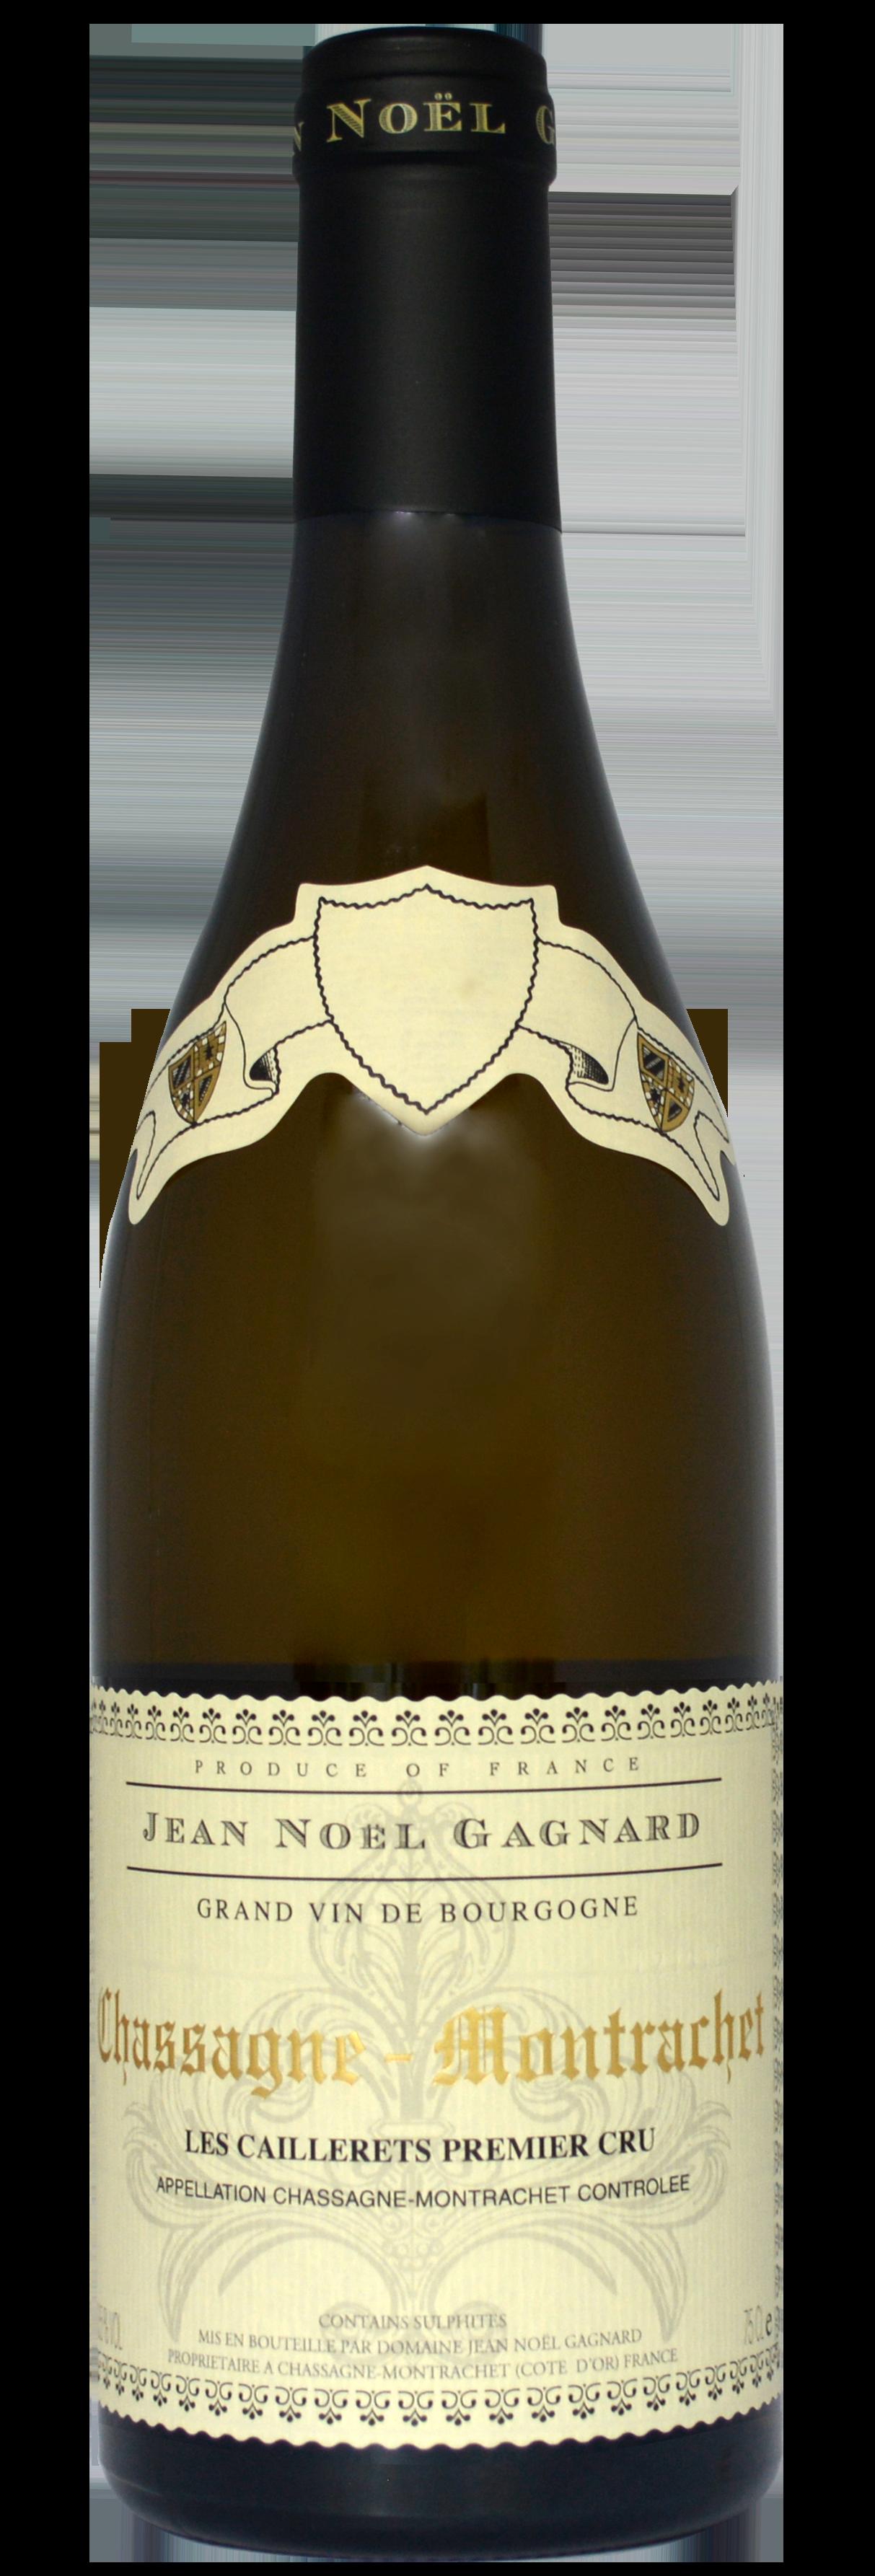 Chassagne-Montrachet, 1er Cru Les Caillerets